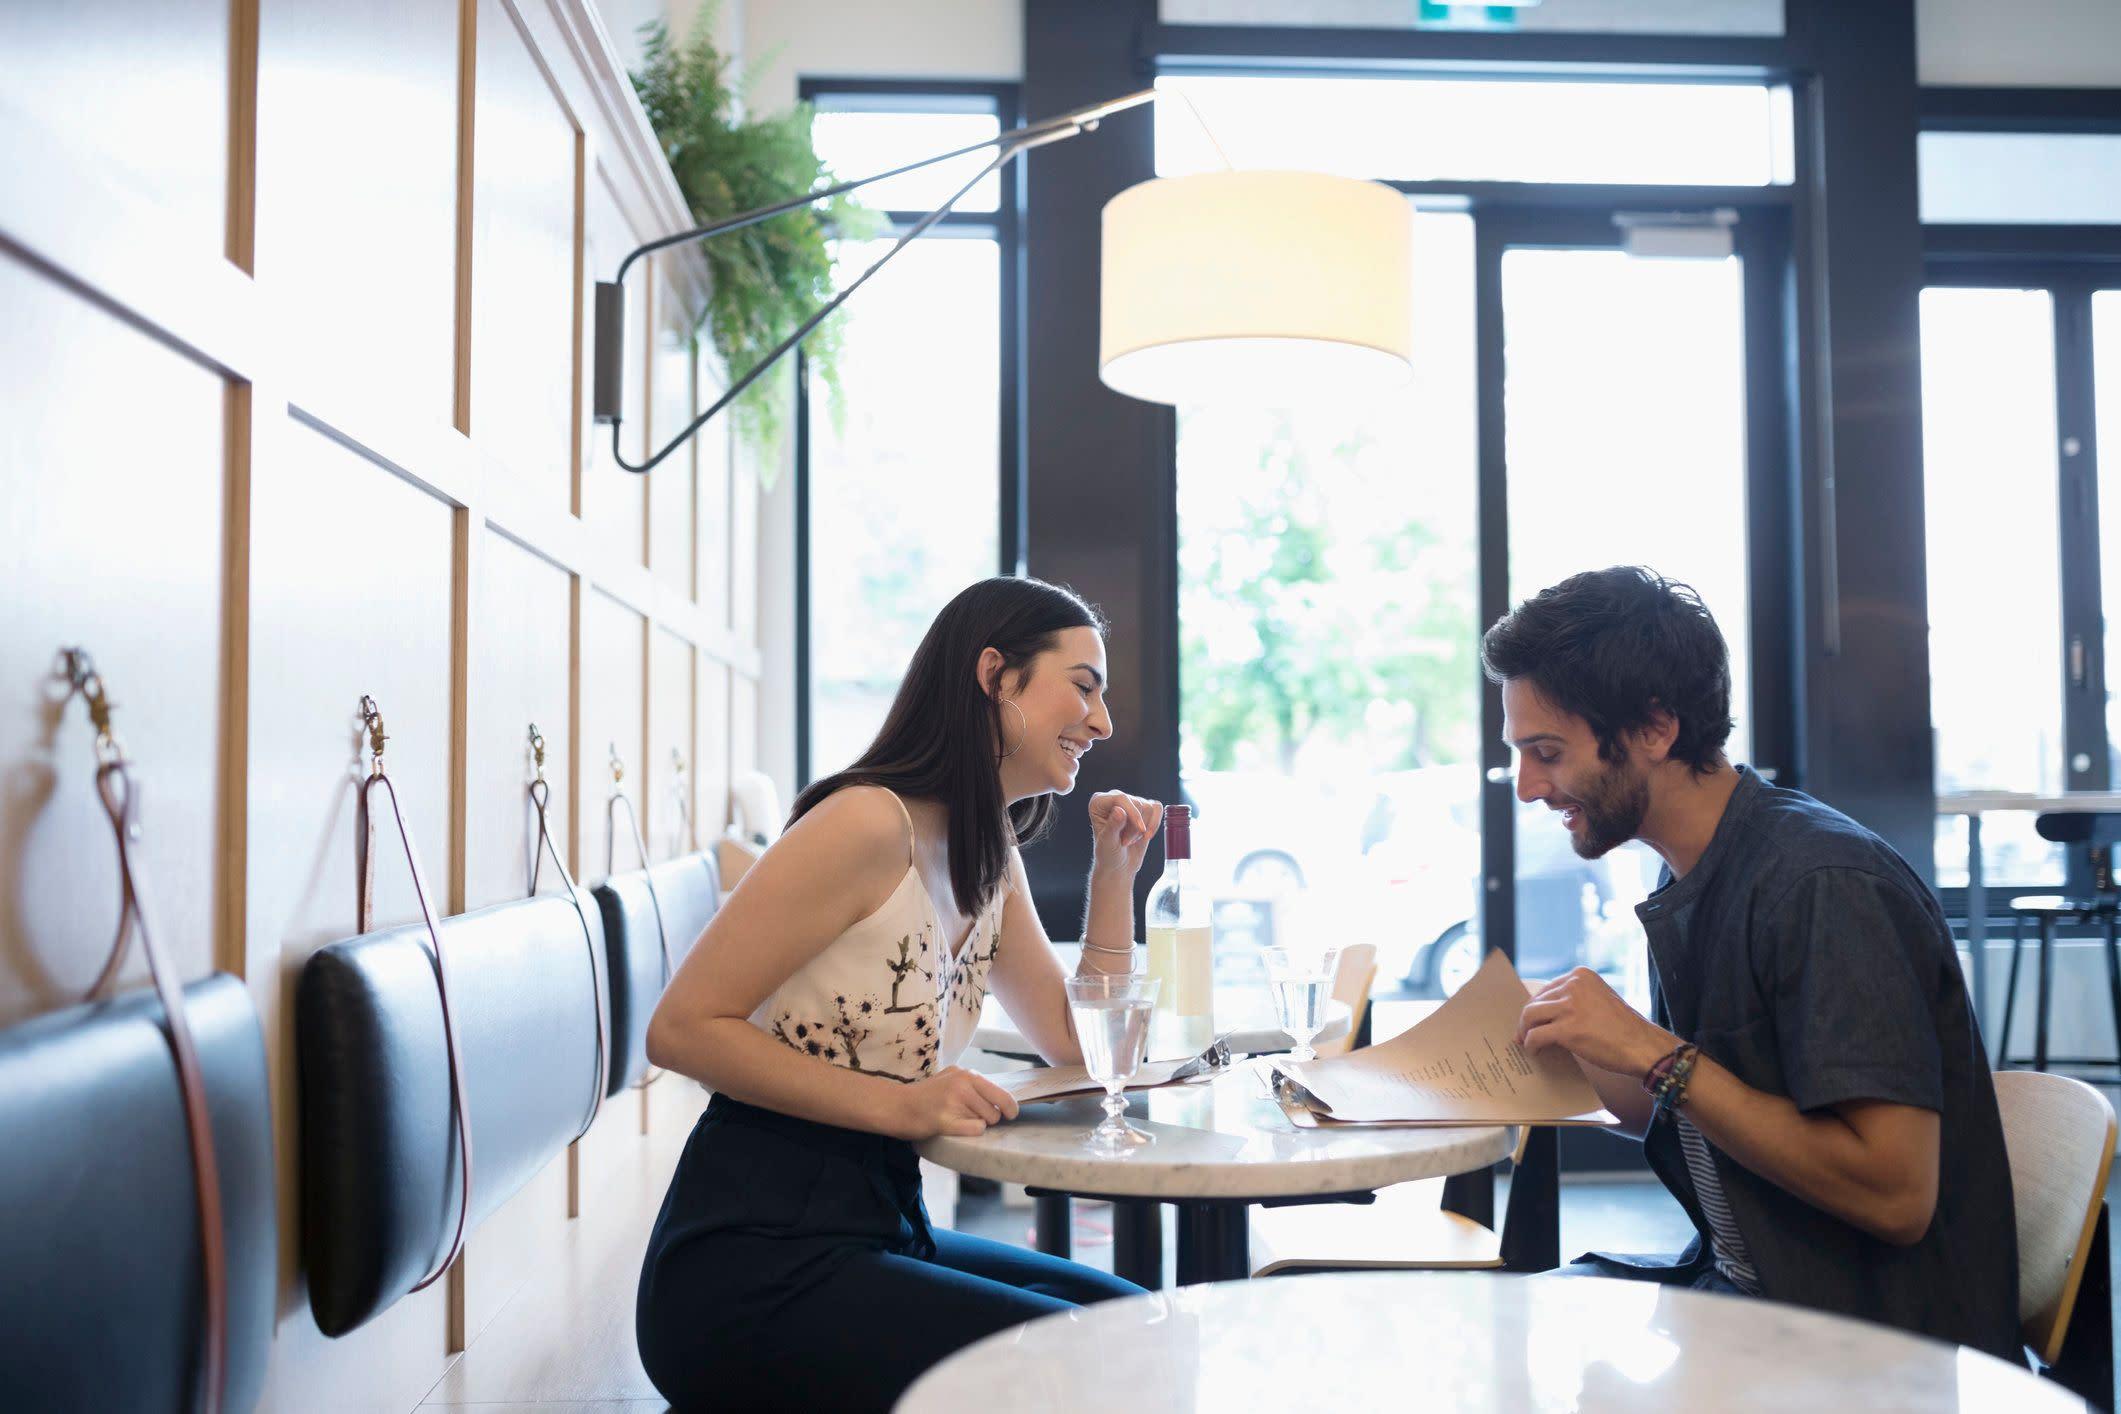 μπογαλούσα datingφωνητική χρονολόγηση εφαρμογή